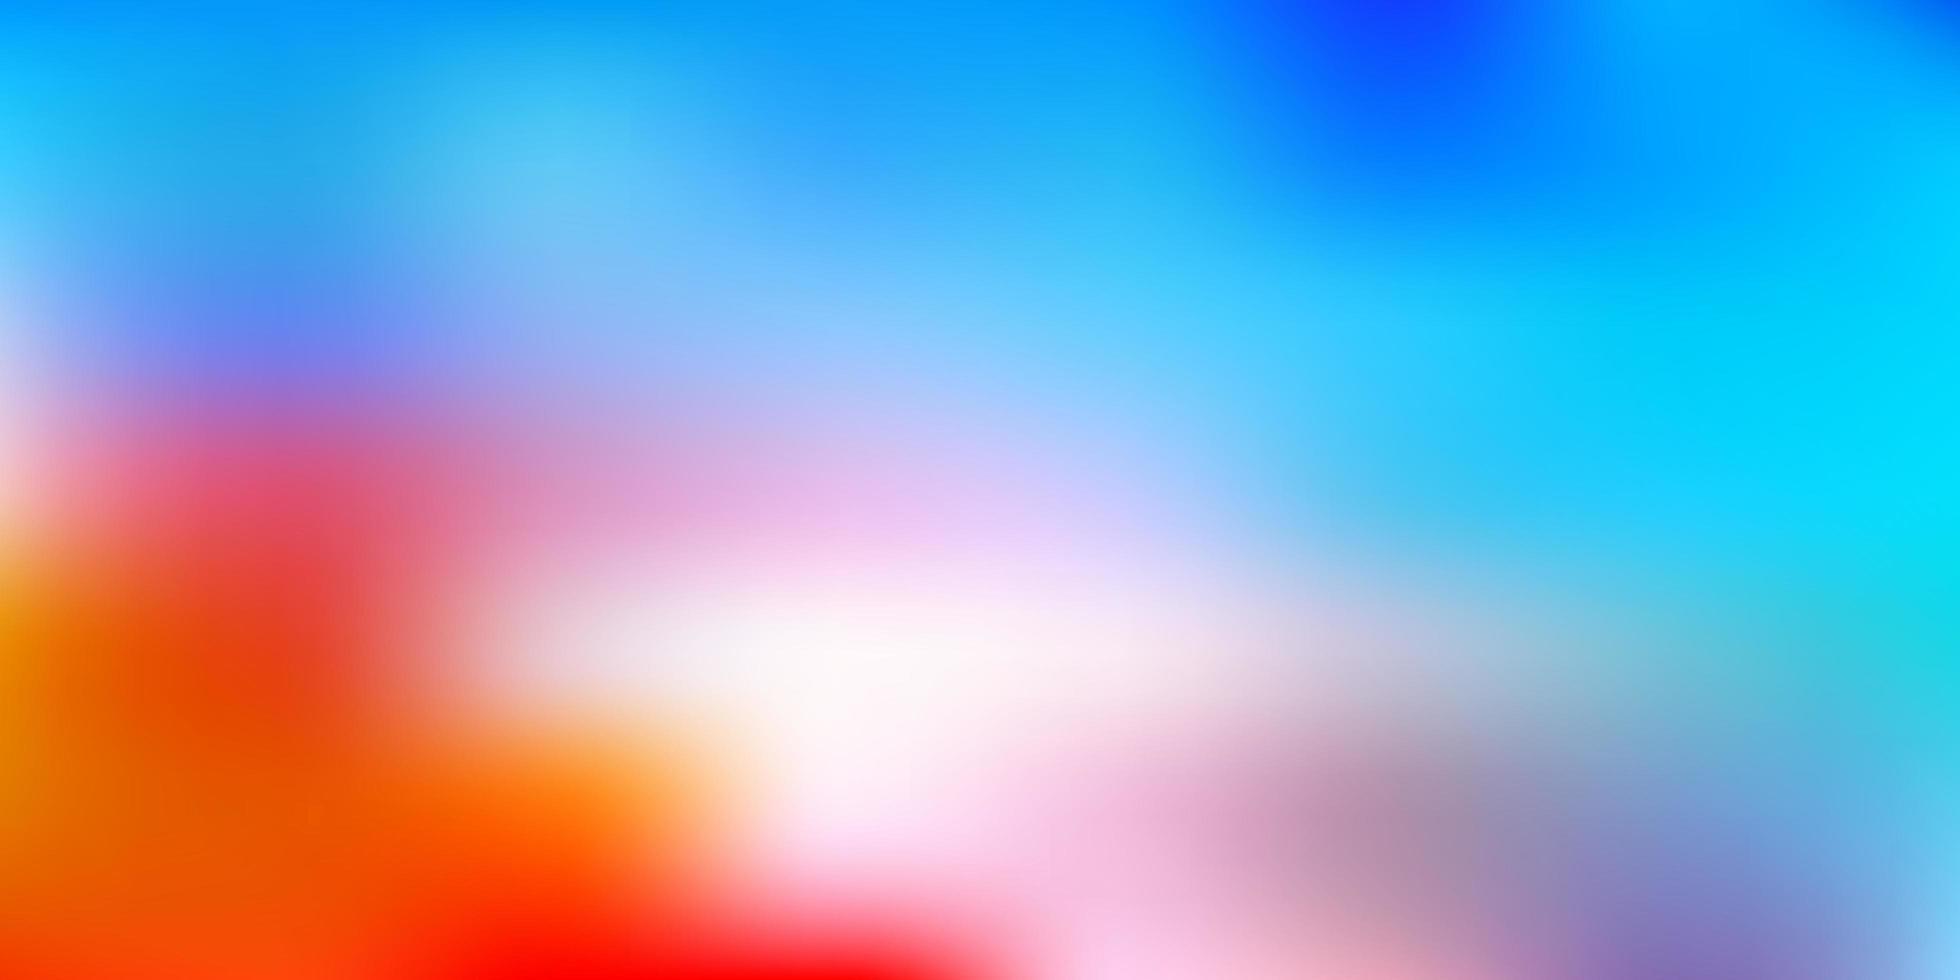 ljusblå, röd vektor abstrakt oskärpa konsistens.